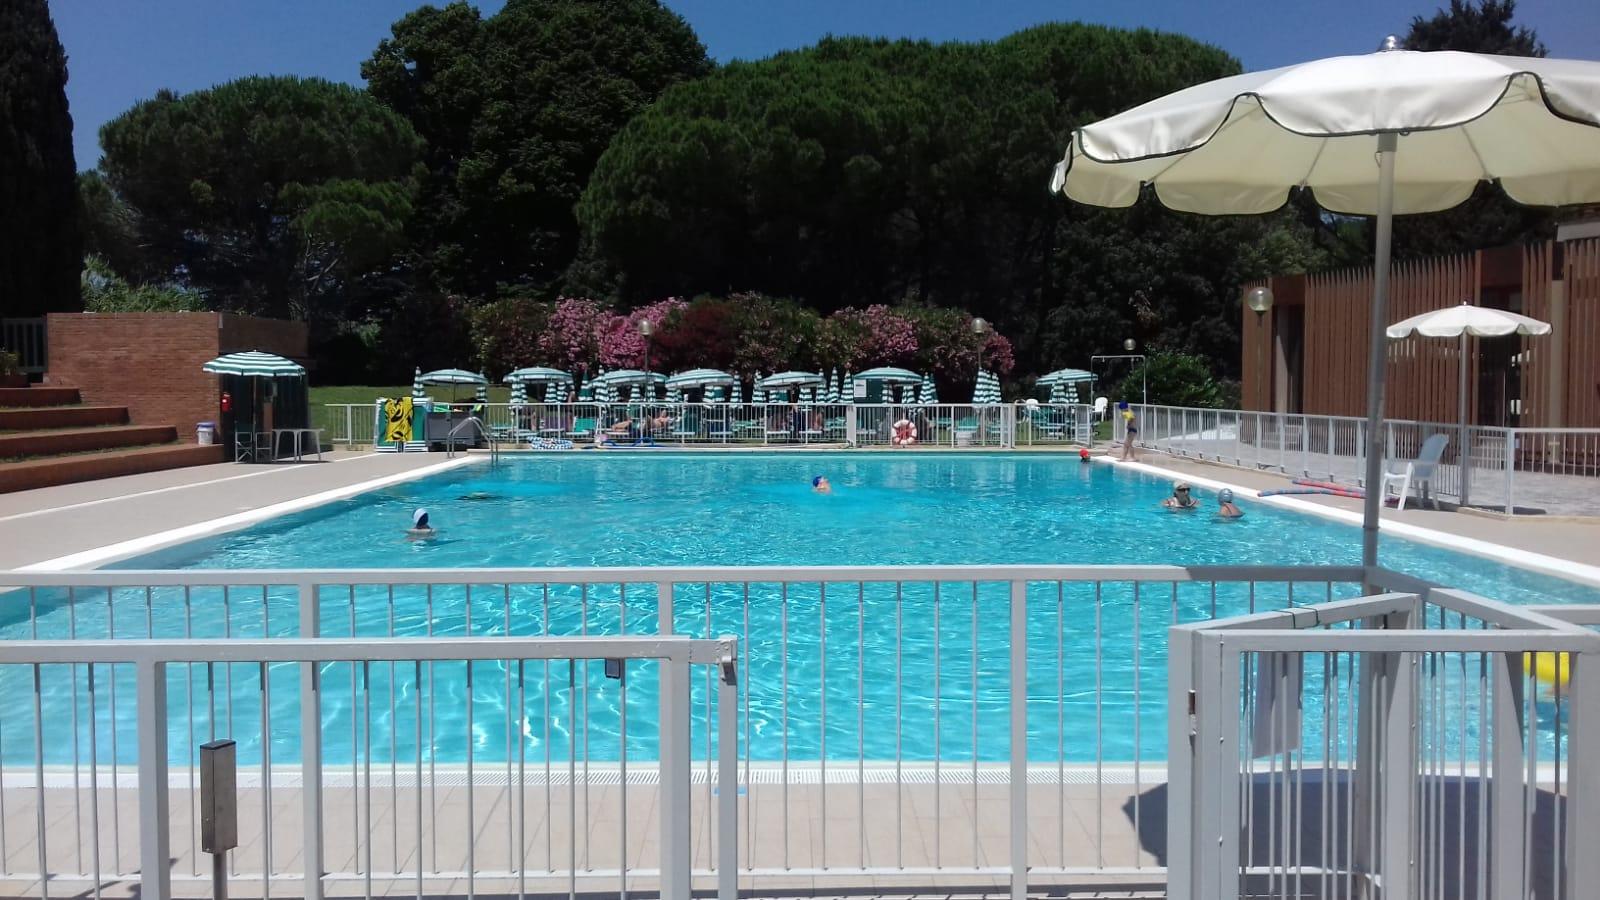 Uliveto pool monte pisano in toscana - Piscina san giuliano terme ...